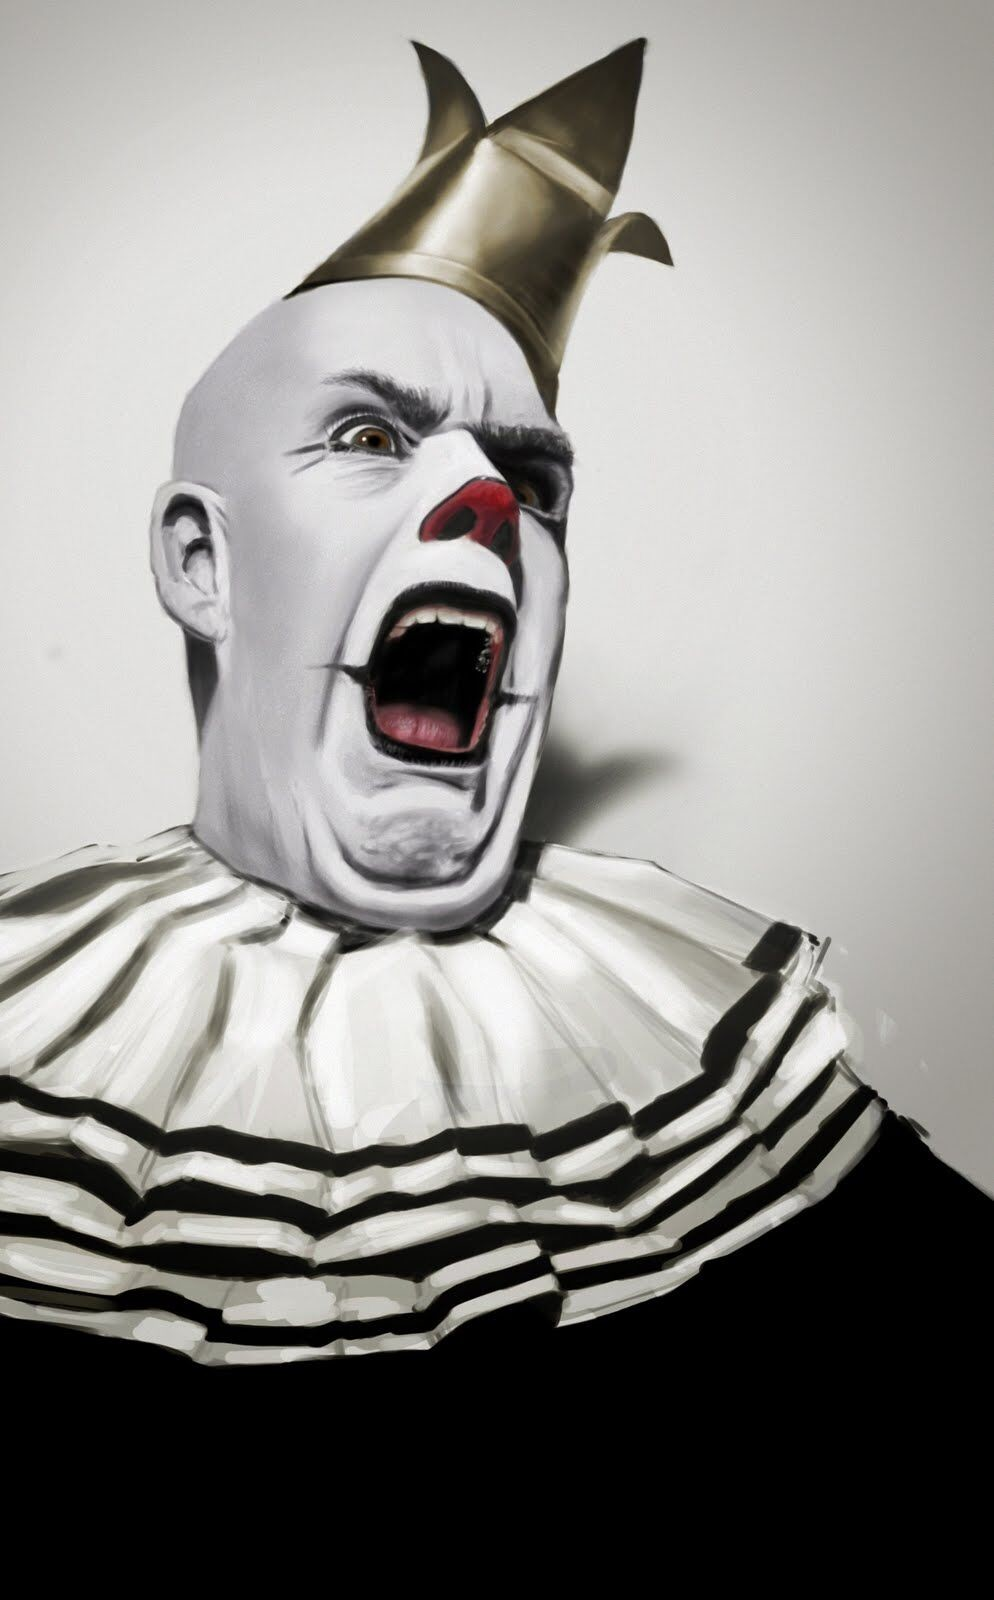 Clown Face  - Paint study